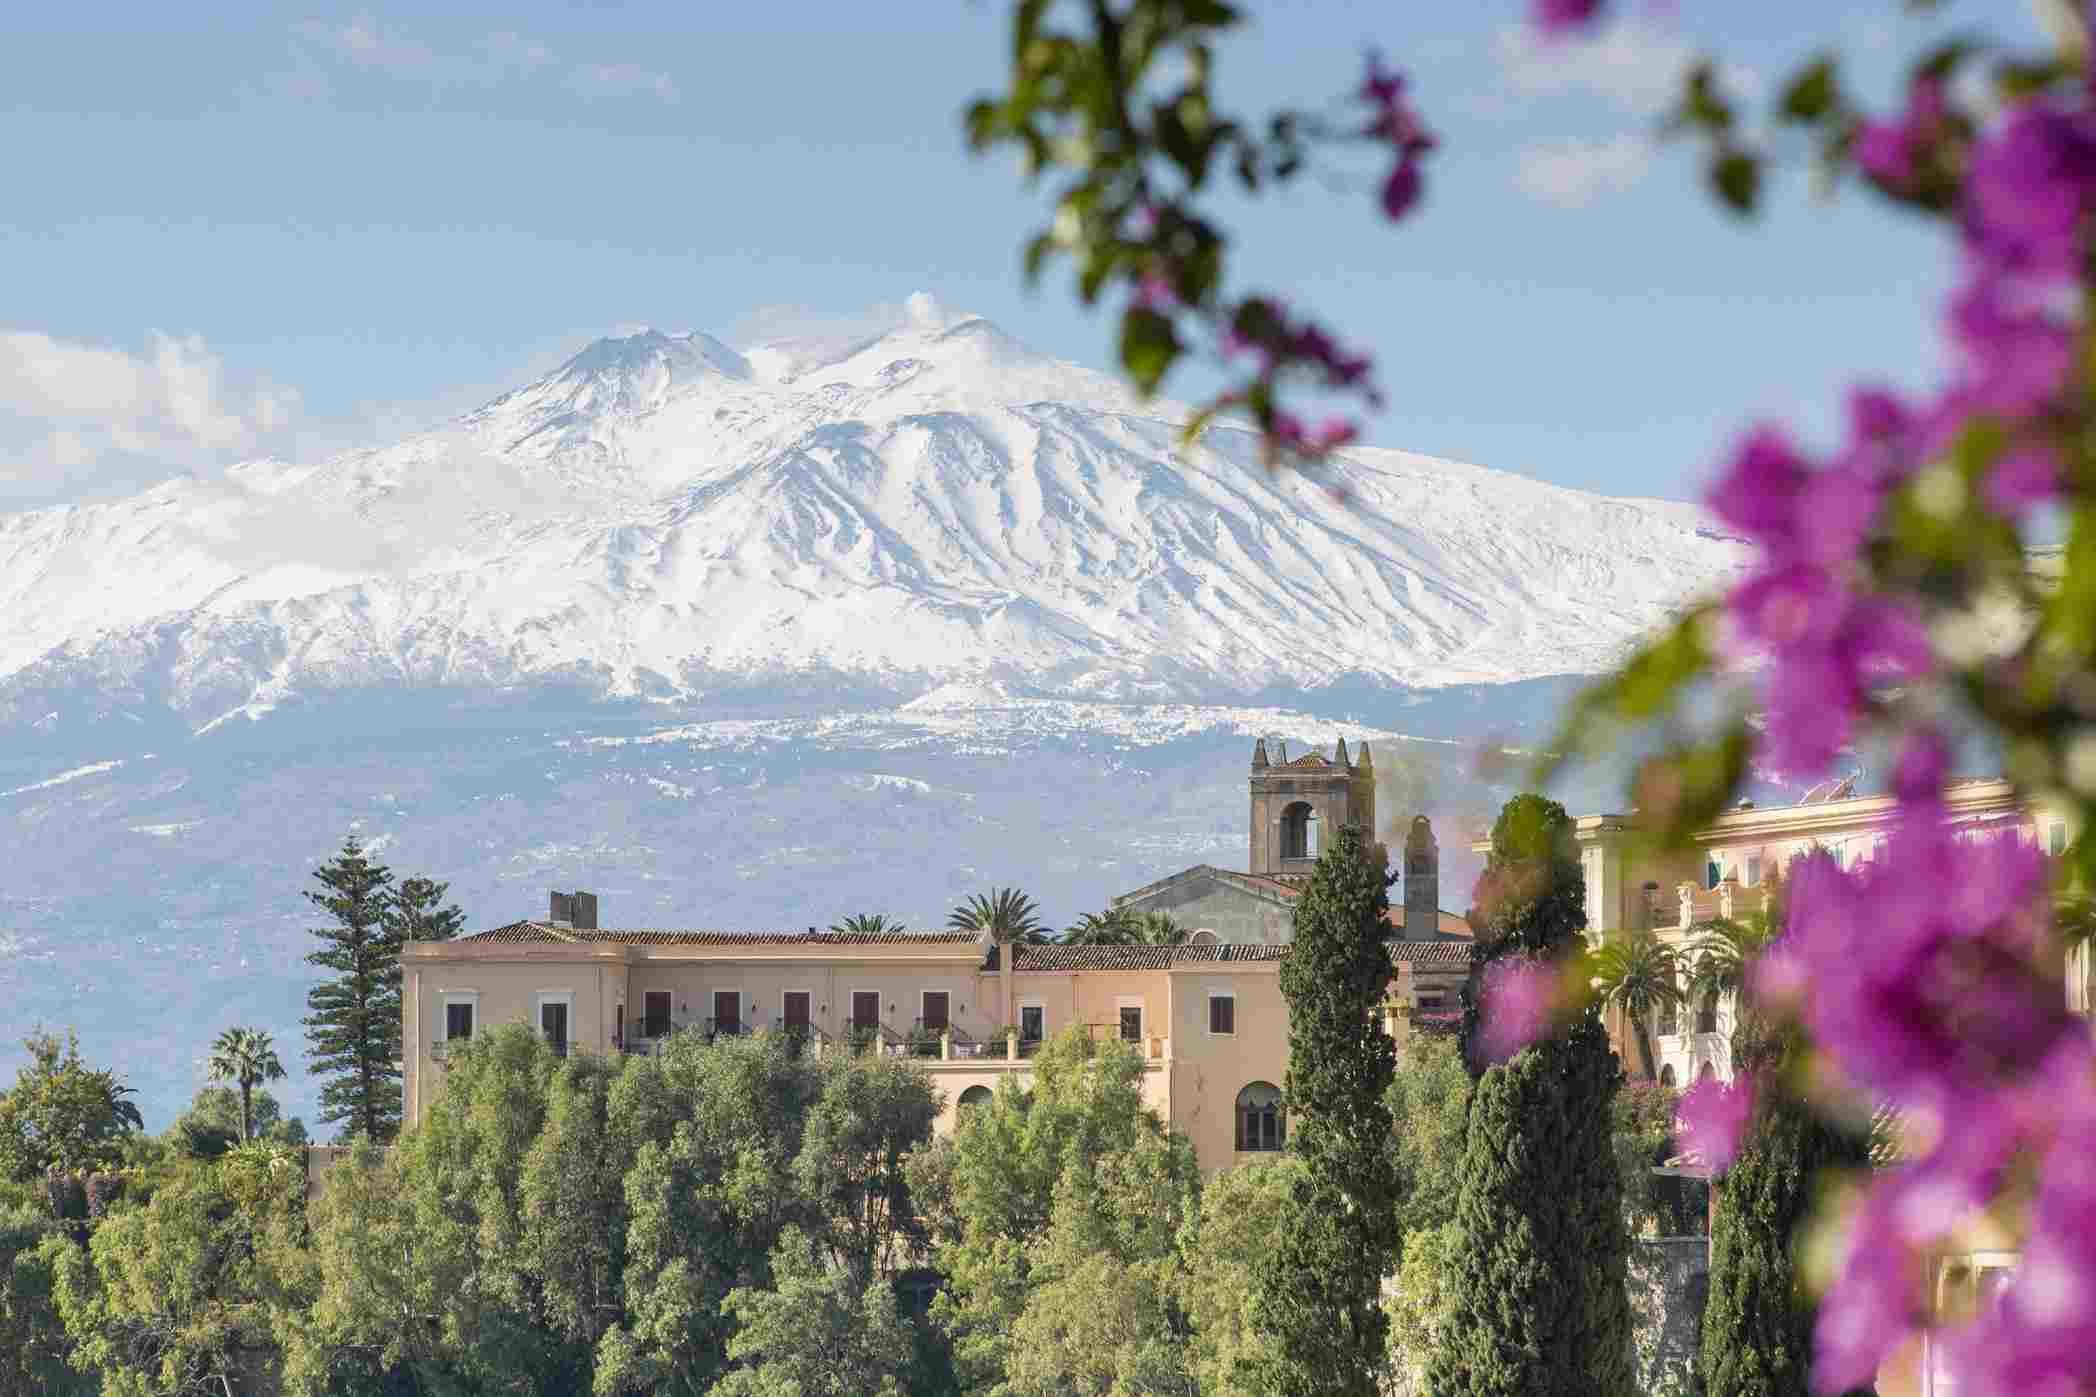 Floraison des amandiers en Sicile 2